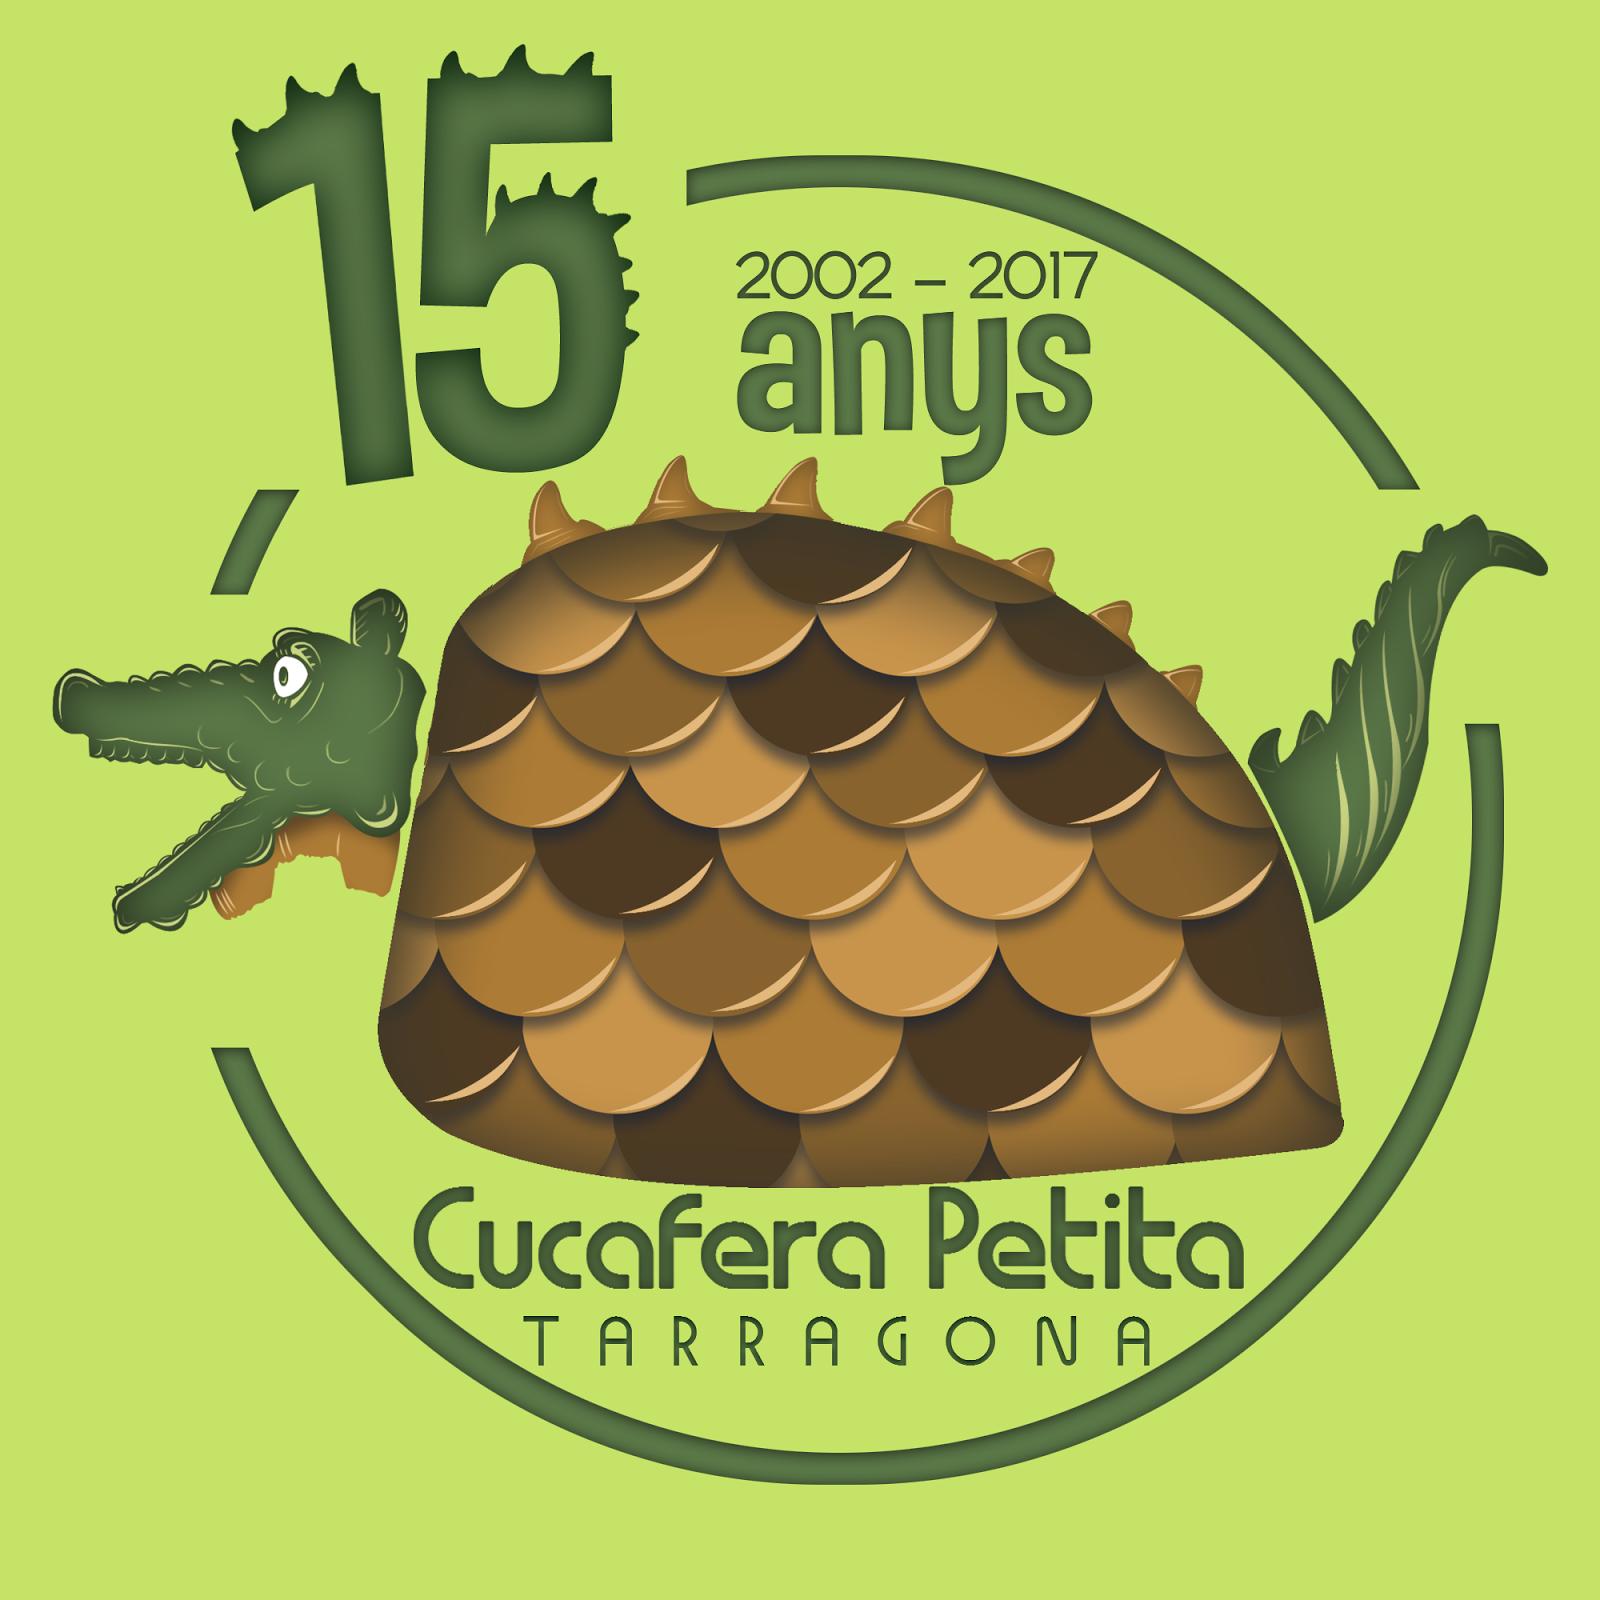 LOGO 15 ANYS CUCAFERA PETITA